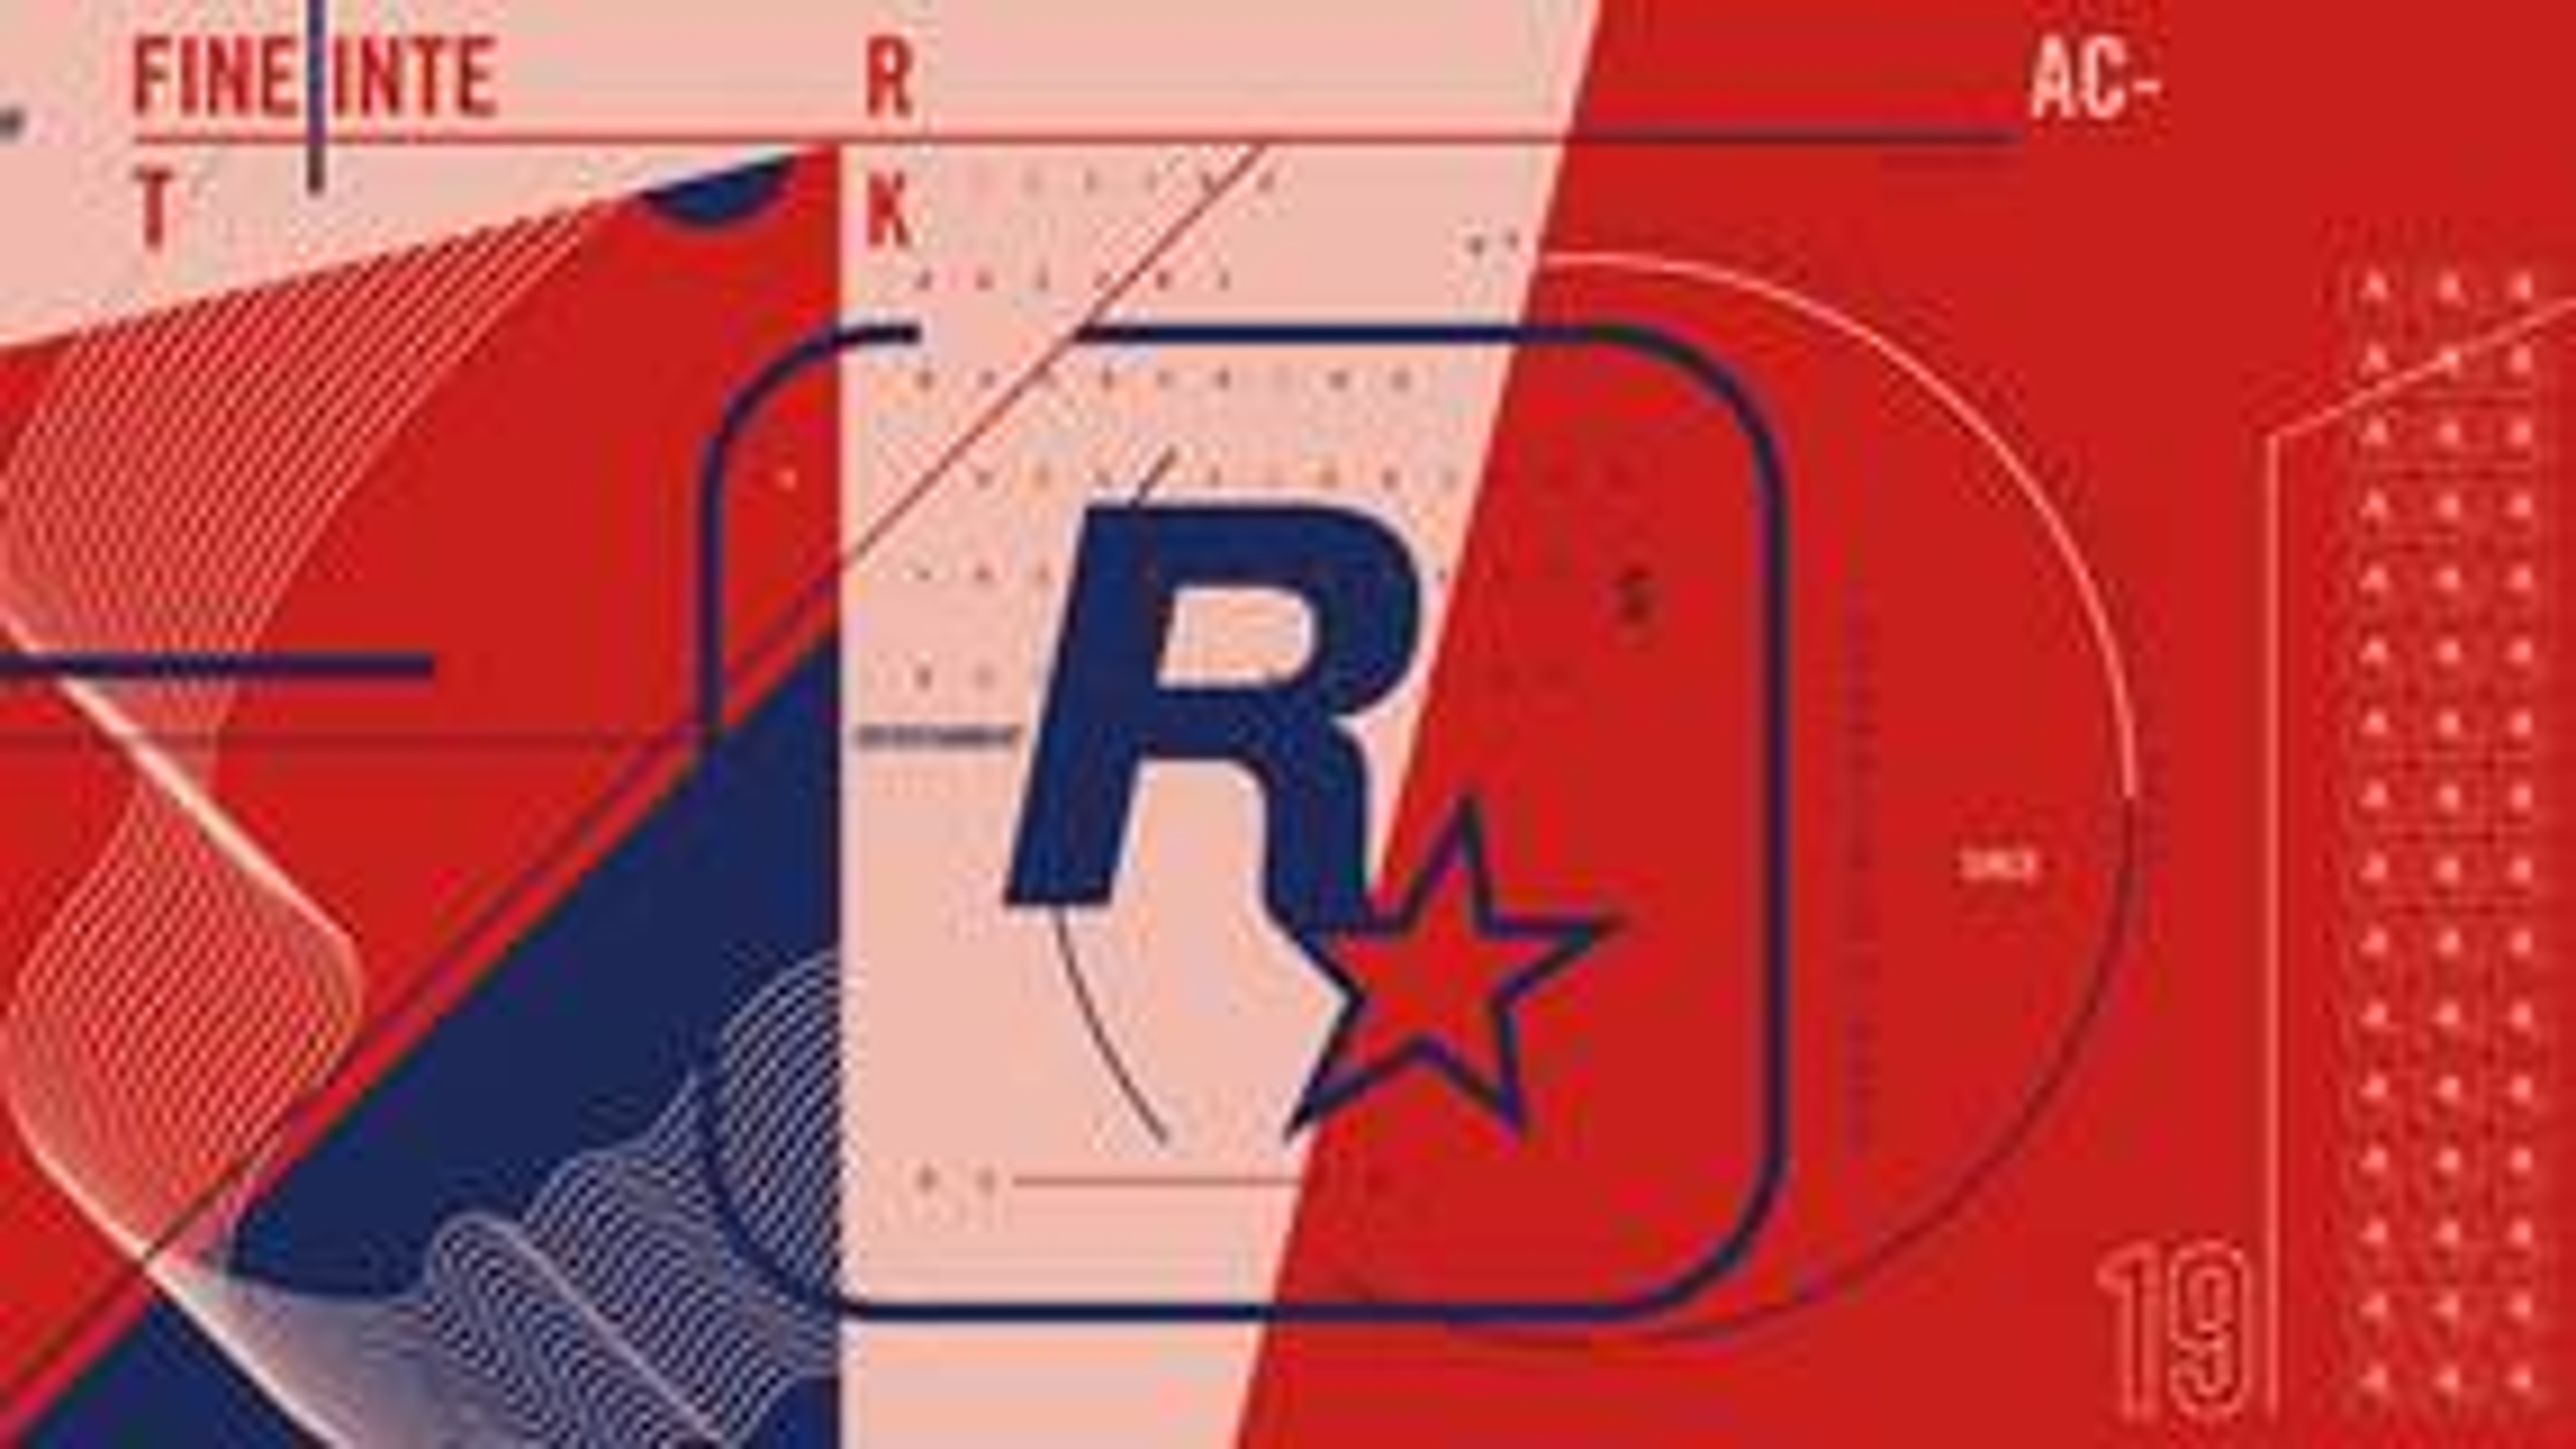 Image for Rockstar co-founder Dan Houser establishes new studio